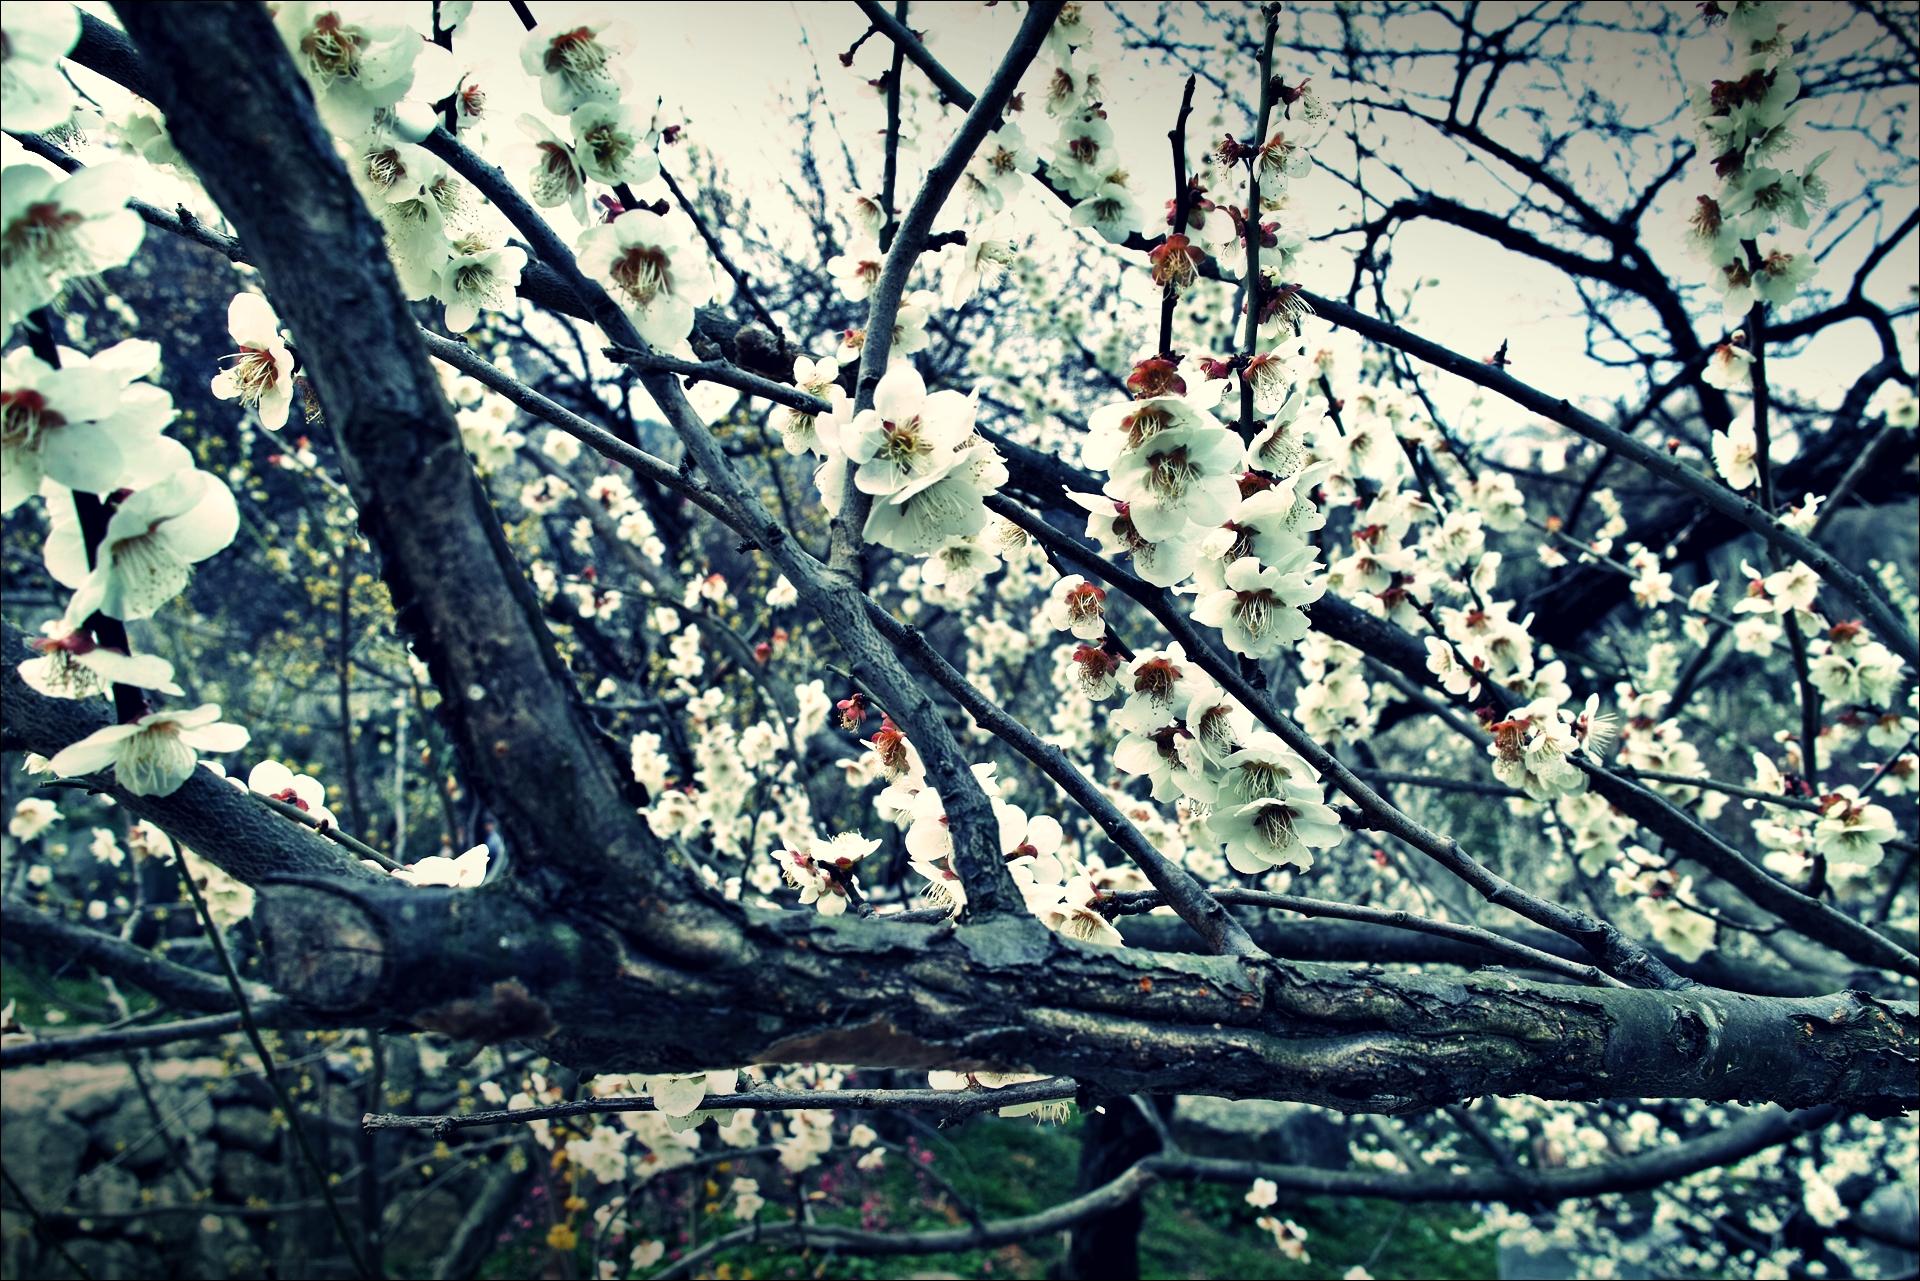 홍쌍리 매실마을 매화축제 apricot blossom festival-'백매화'